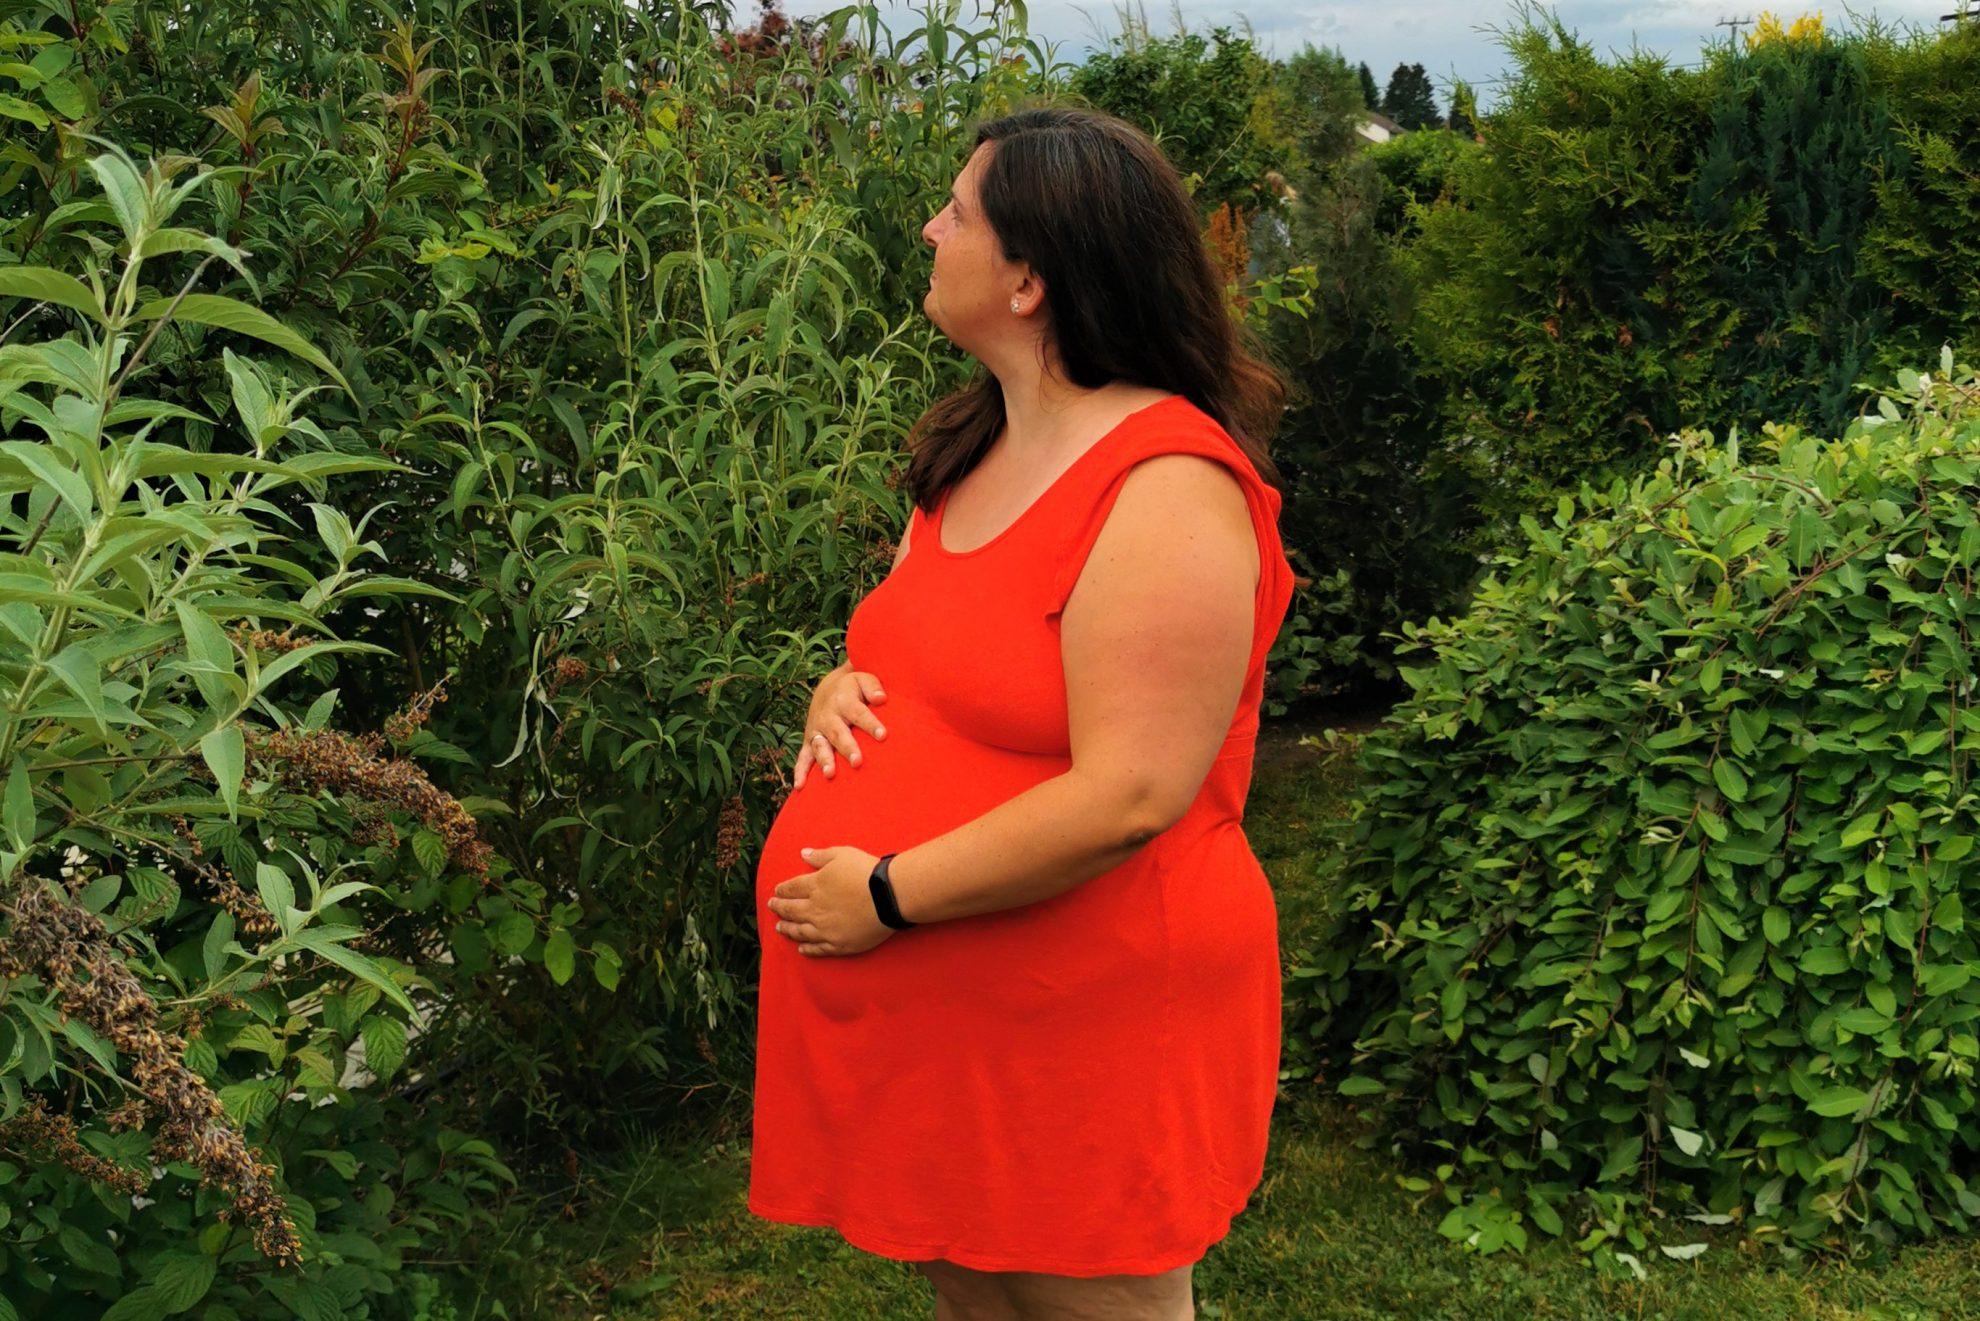 Schwangerschaftswoche 39 mit dem 6. Kind - ein ehrliches Babyupdate inklusive Shopping für das Baby, Gelüste & Gewichtszunahme. Der 10. Monat.